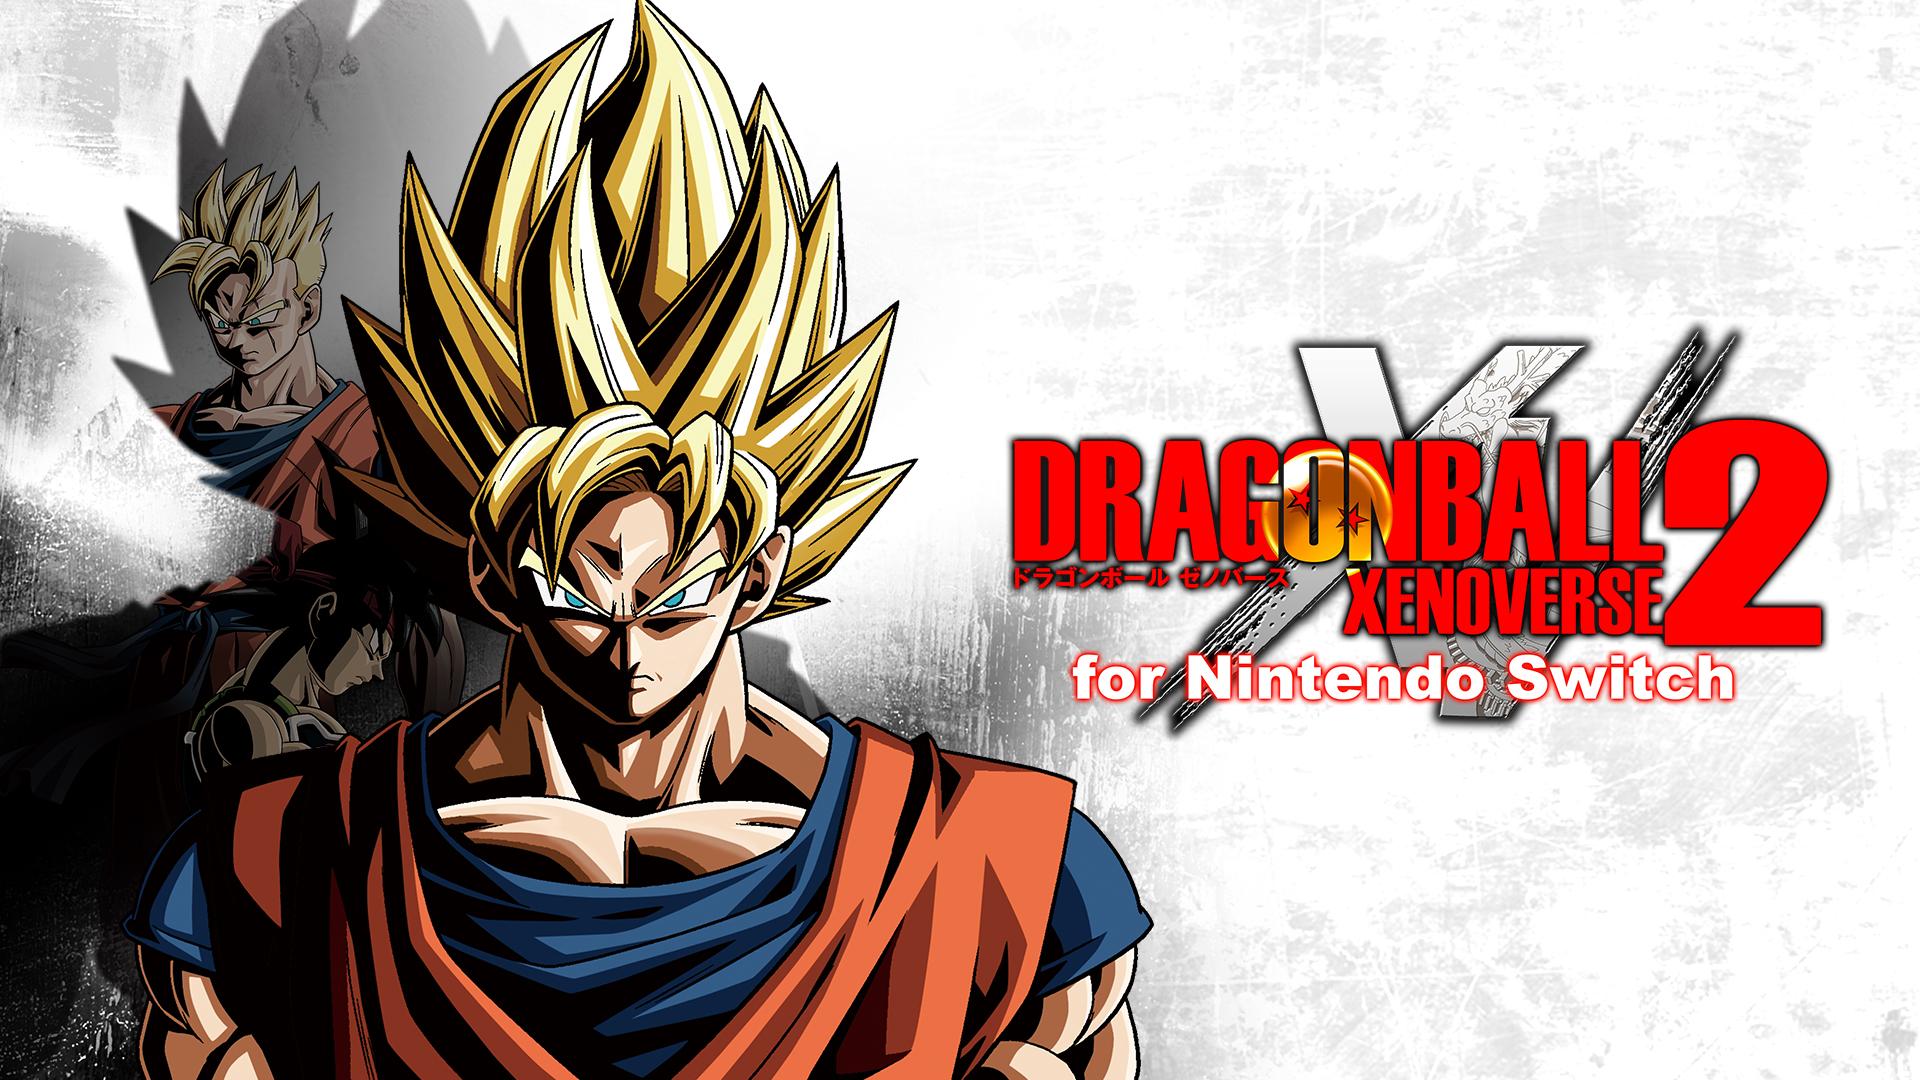 『ドラゴンボール ゼノバース2 for Nintendo Switch』が発売!